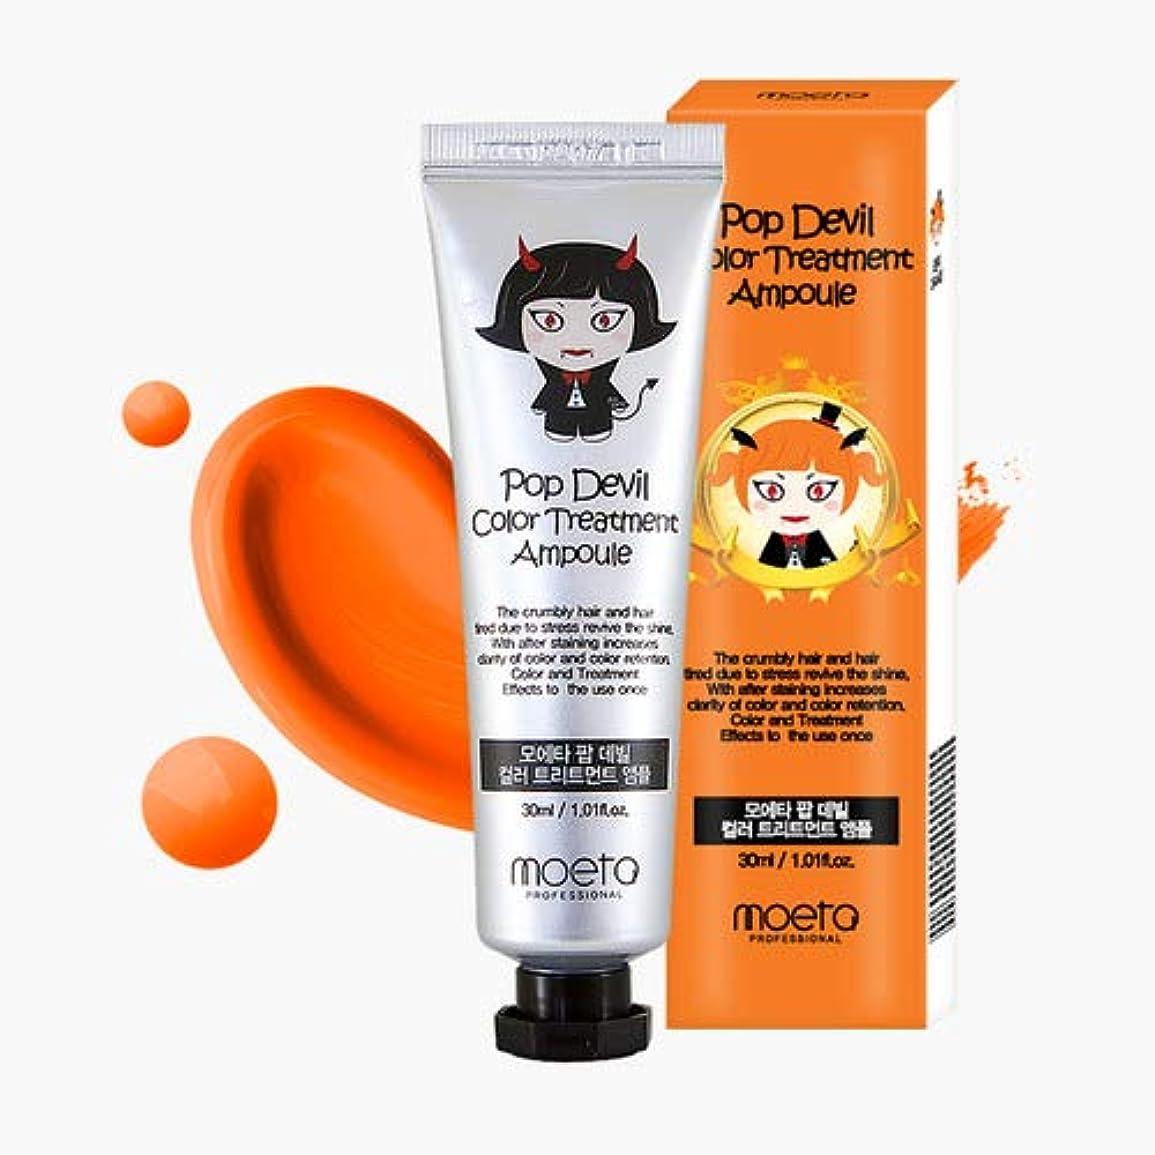 閲覧する温度良心的Moeta  ポップ デビル カラートリートメント アンプル / Pop Devil Color Treatment Ampoule (30ml) (オレンジ) [並行輸入品]